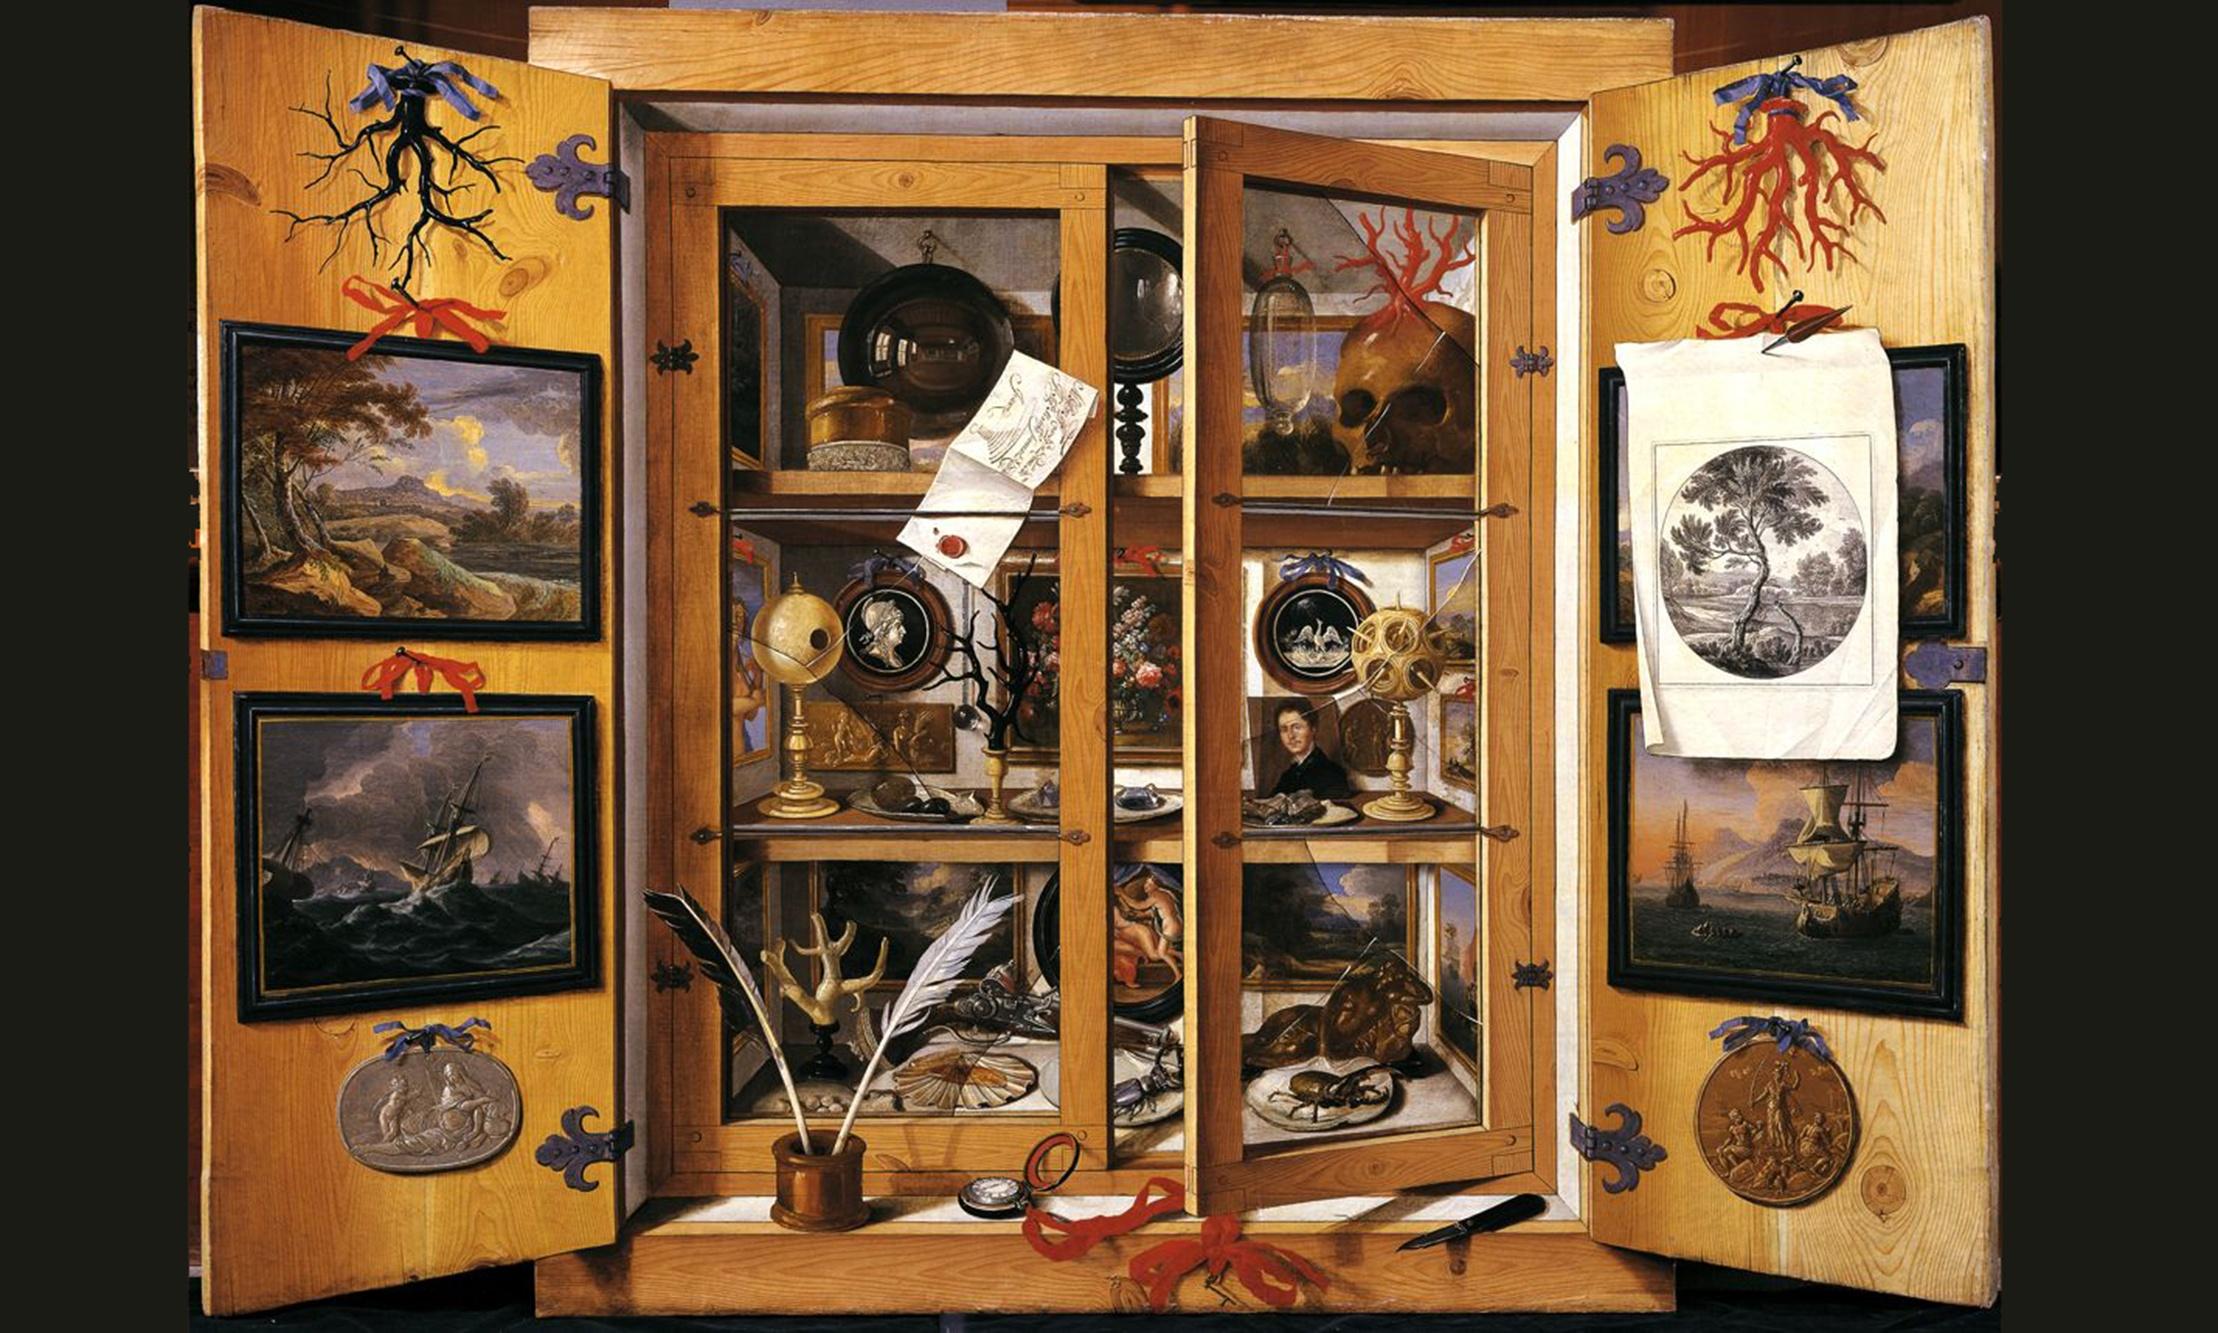 Morbid Cabinet of Curiosities